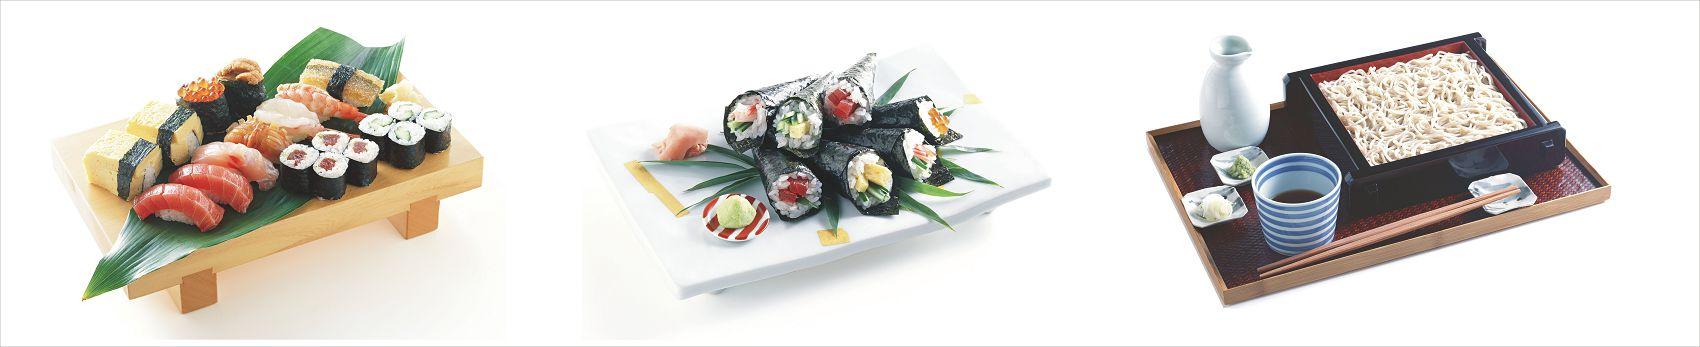 Суши и роллы на белом фоне